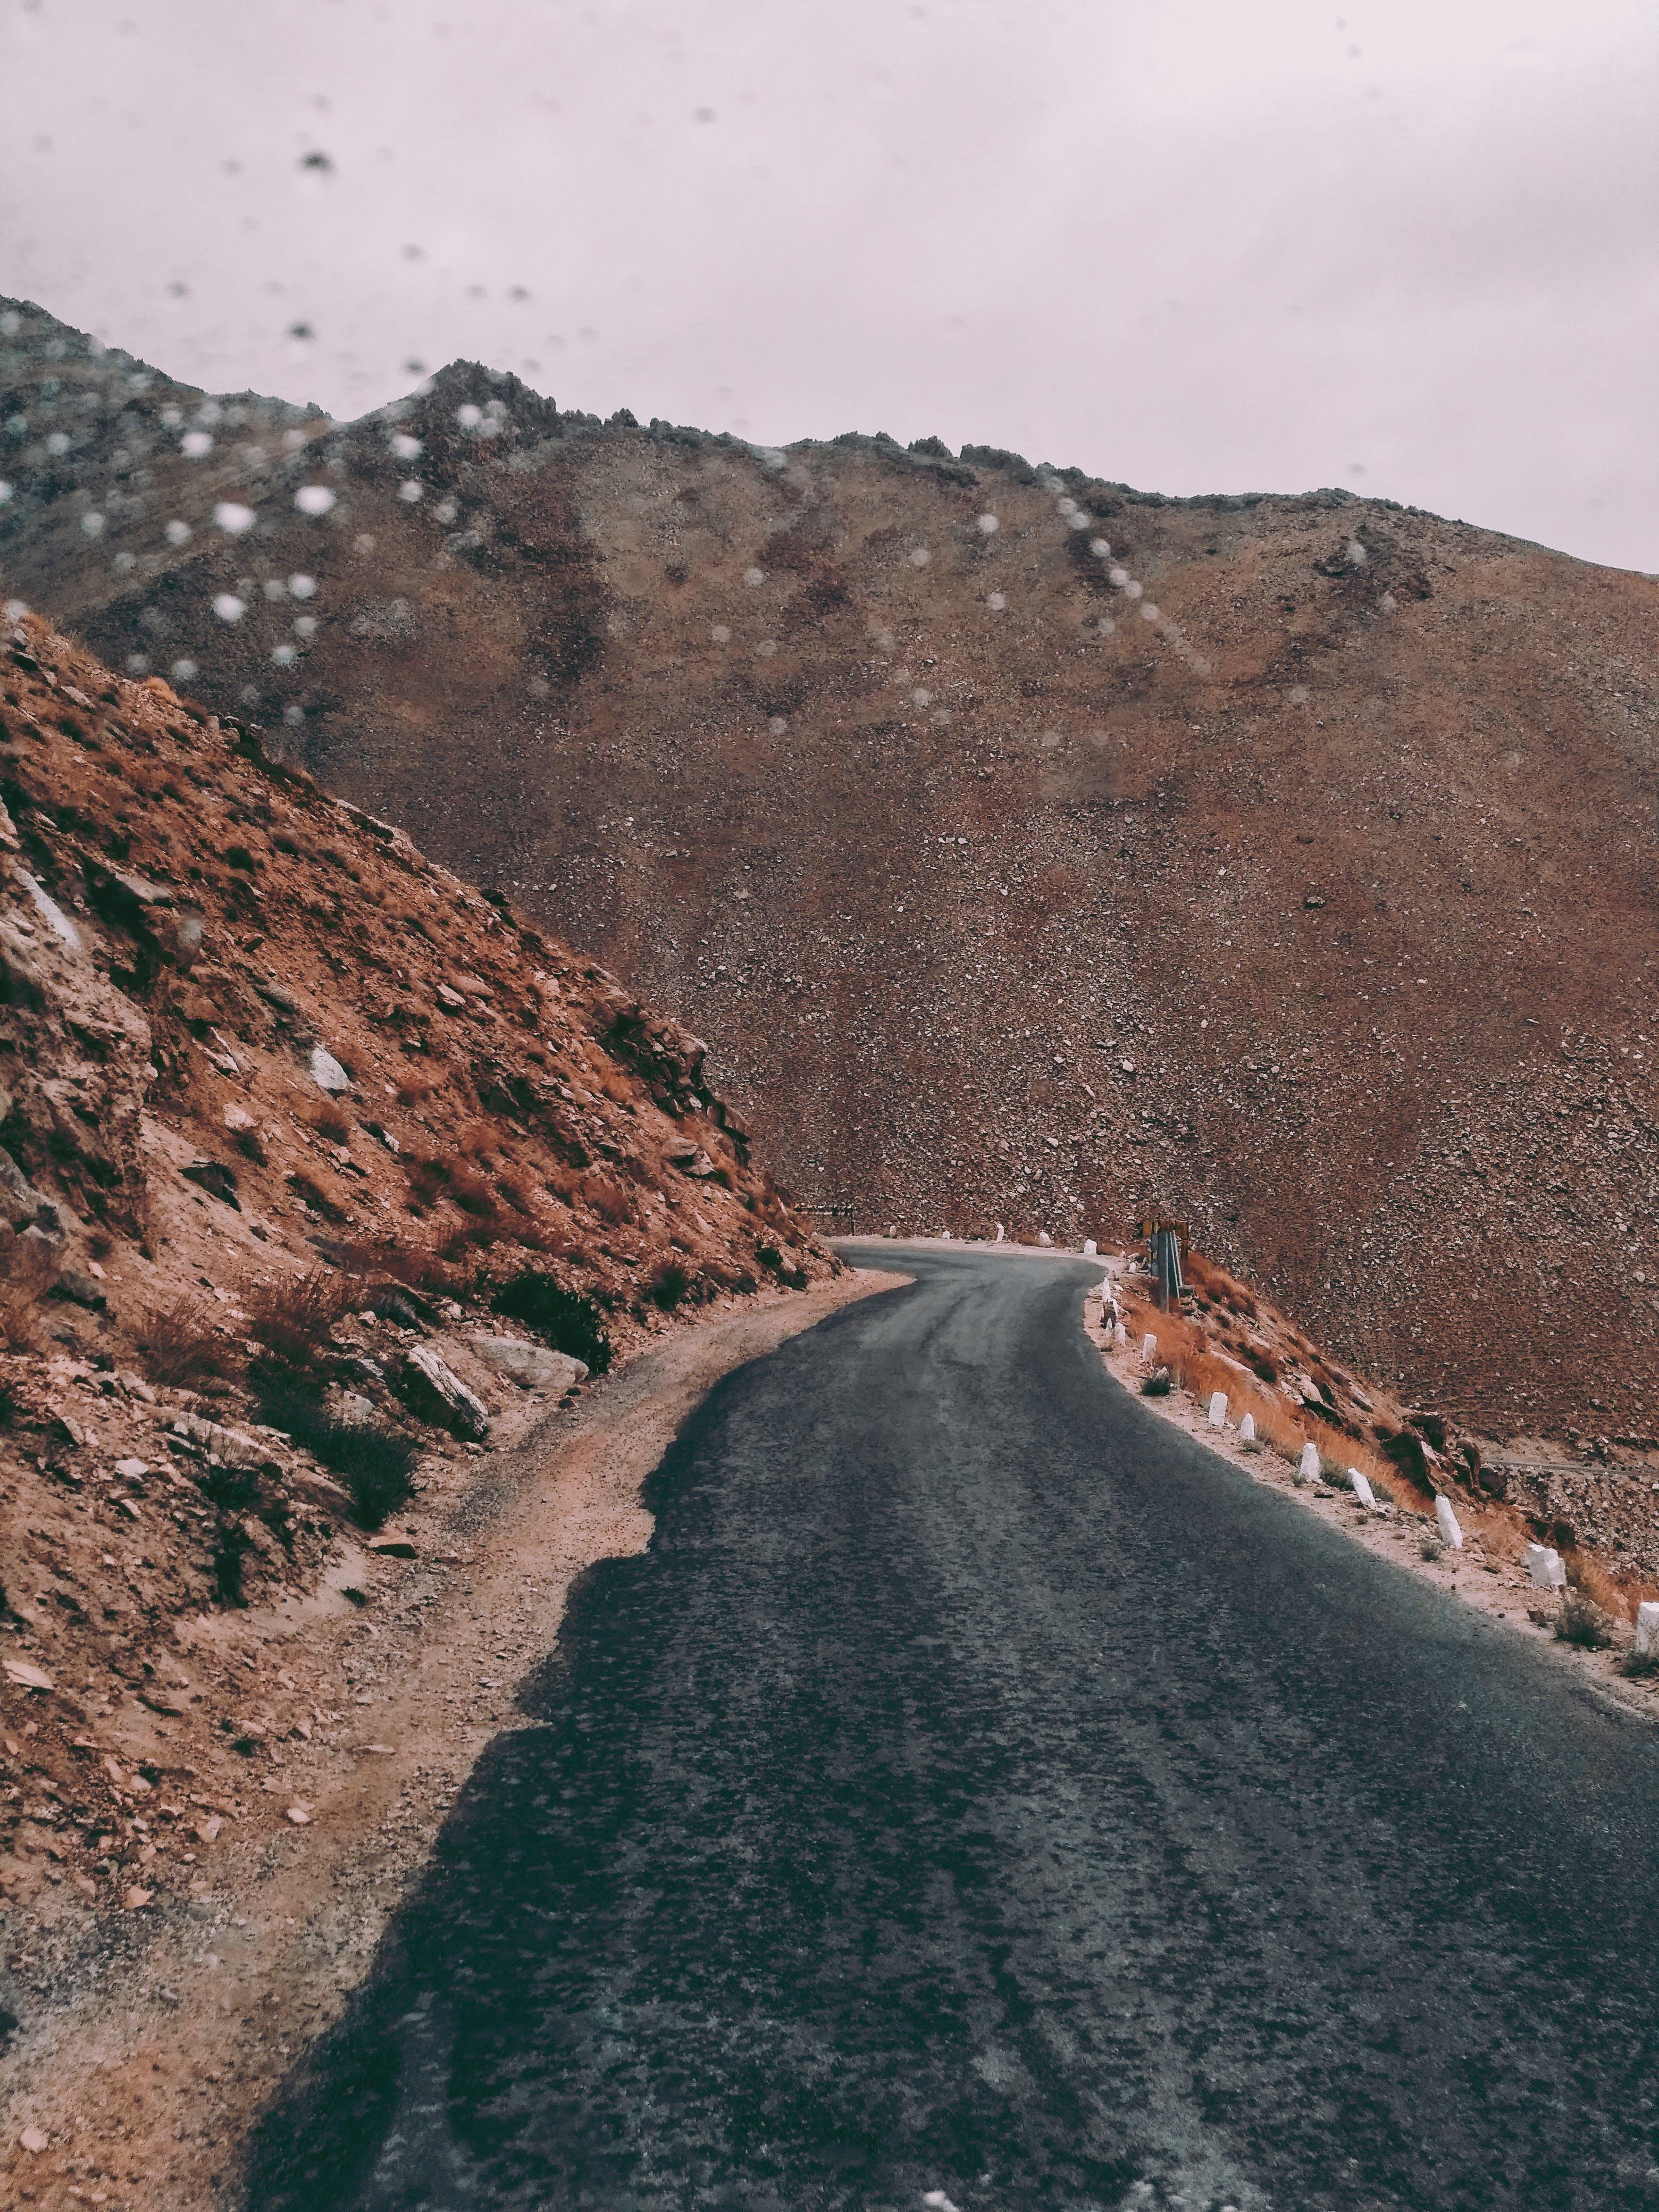 Asphalt Road Beside Rock Formation